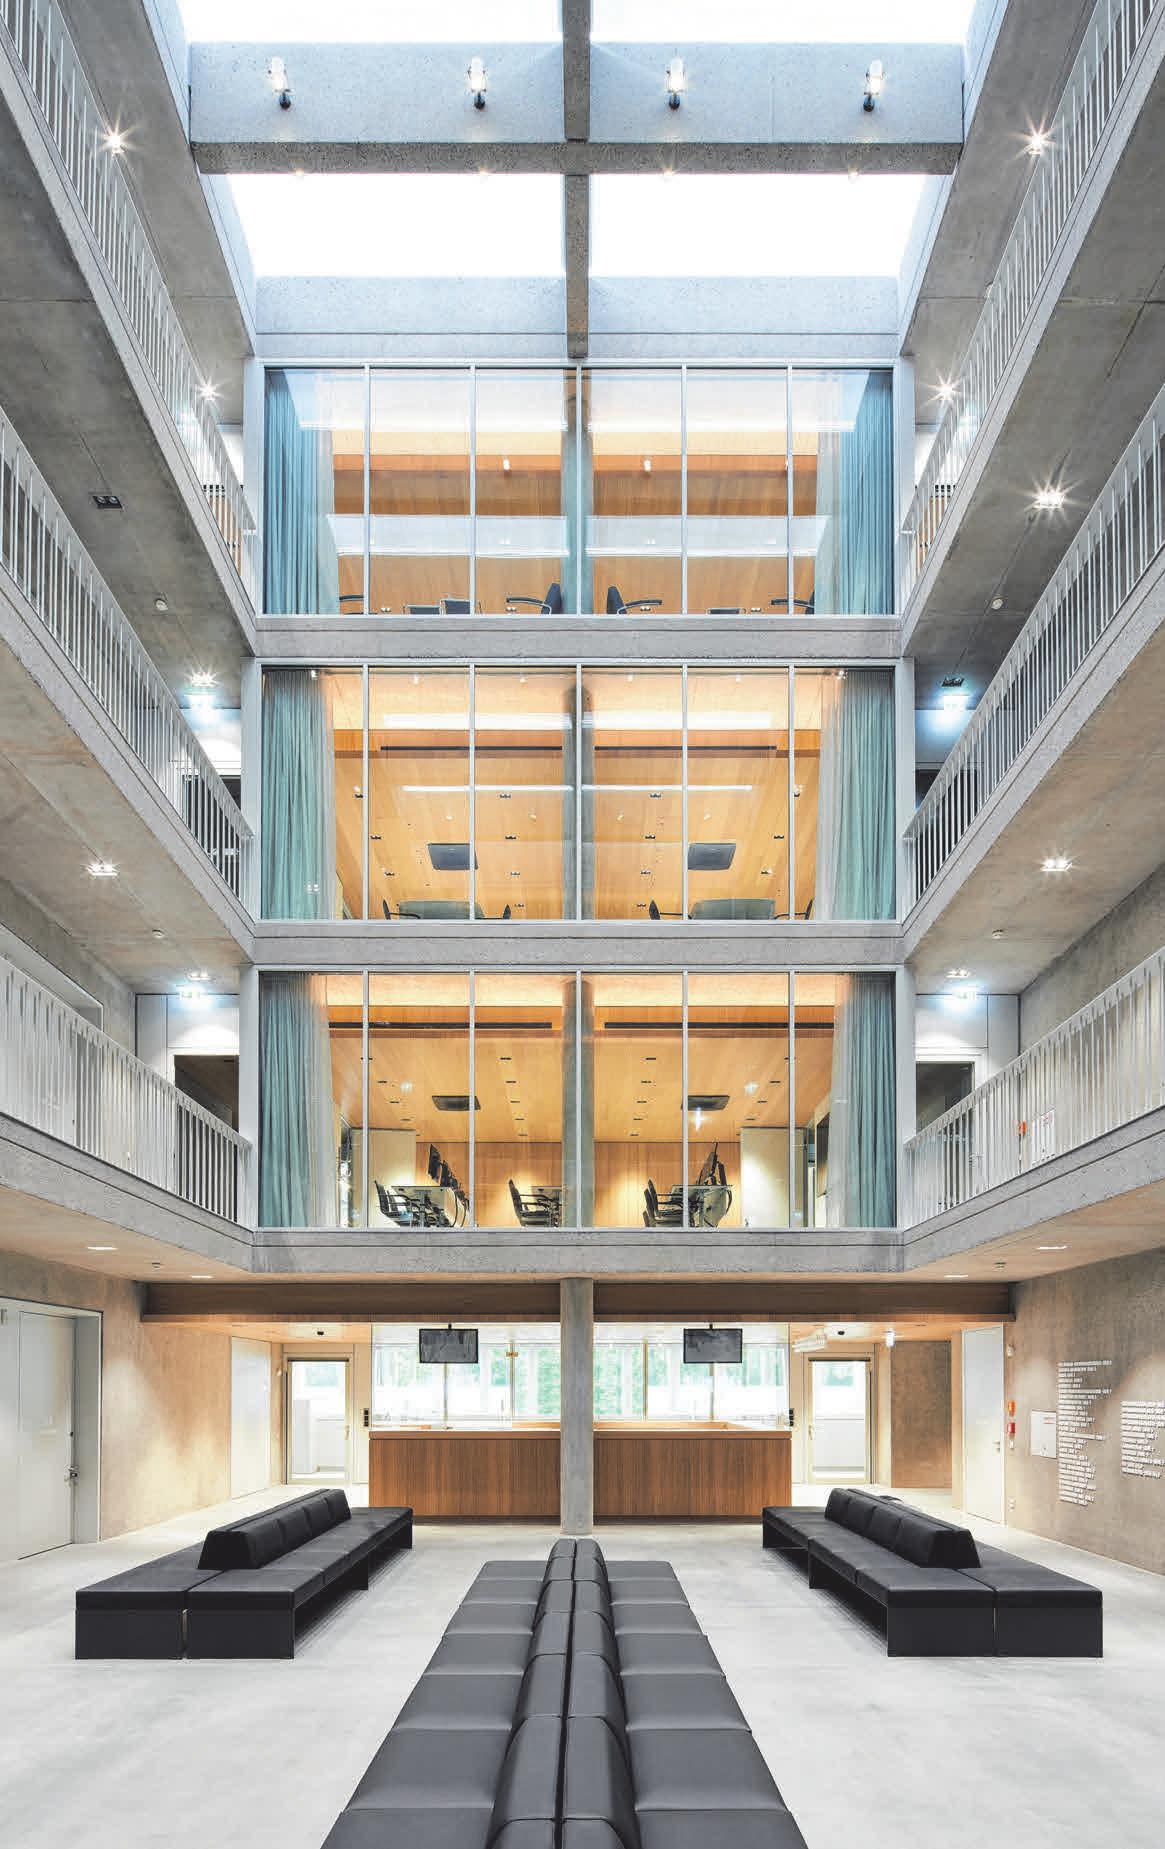 Die weitläufigen Innenräume des Erweiterungsbaus sind von Licht durchflutet. FOTO: STEFAN MÜLLER-NAUMANN